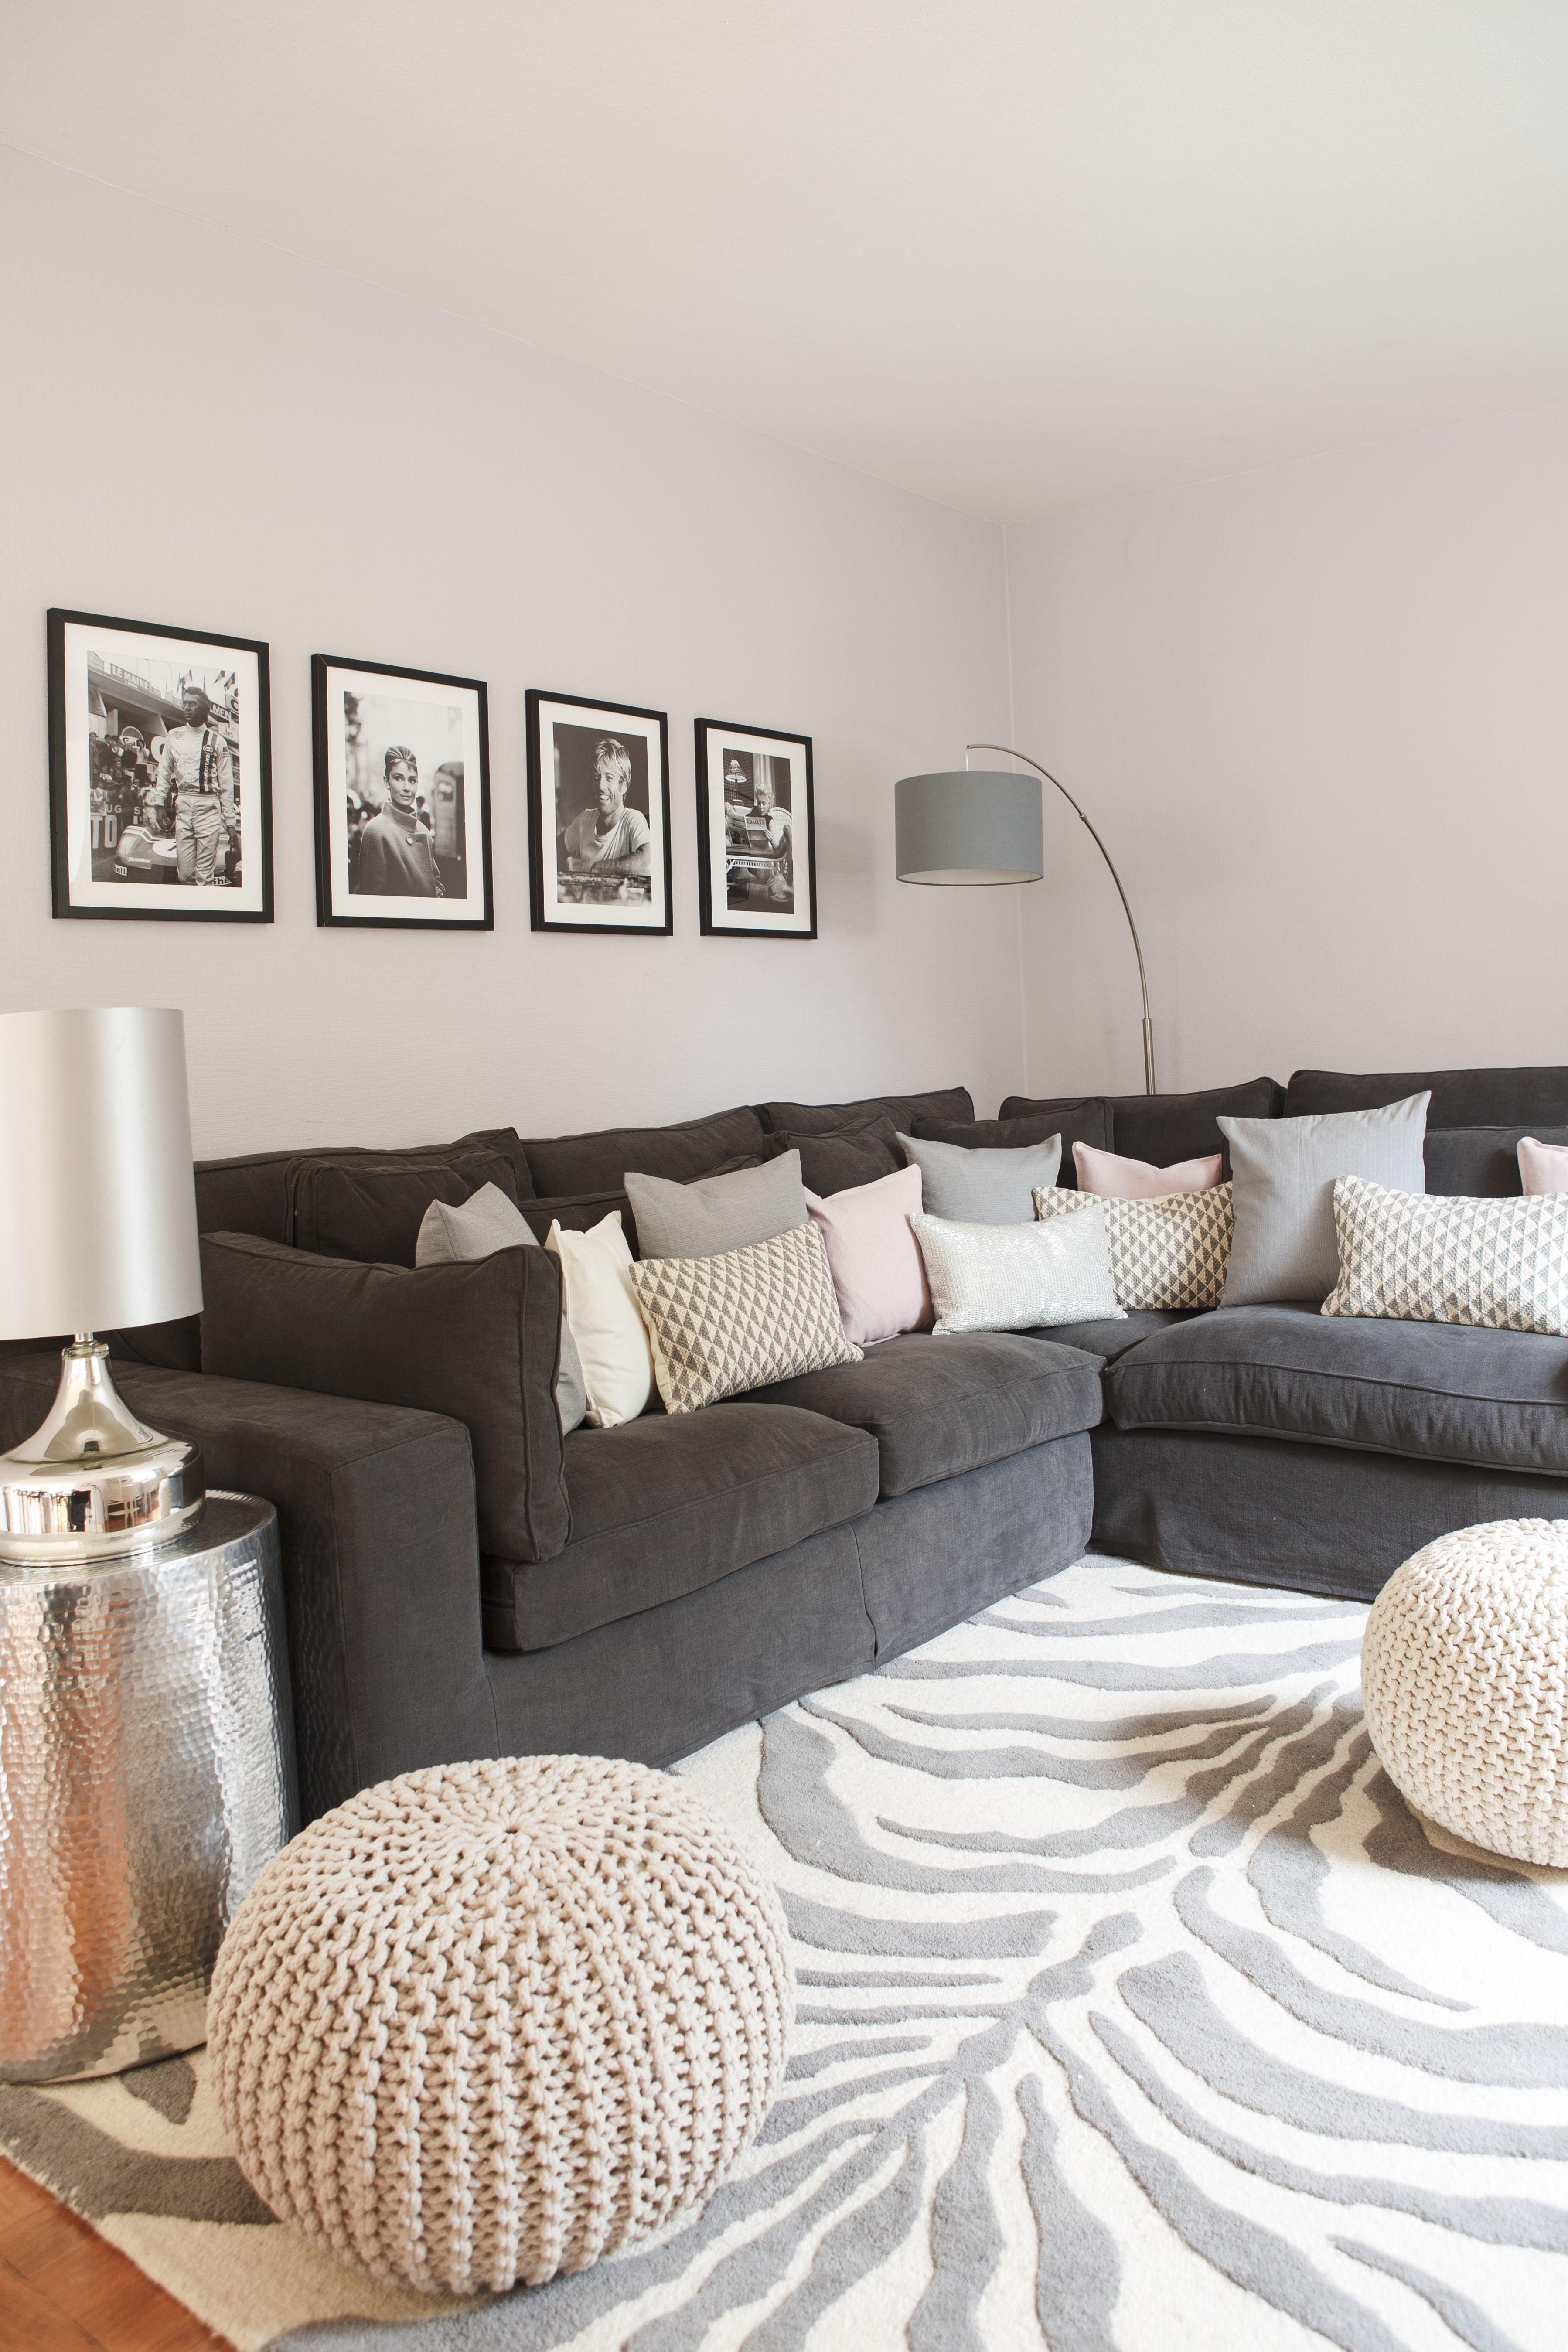 wohnzimmer deko grau rosa:Wohnzimmer Grau Mint: Wohnzimmer couch auf couchtisch weiß hochglanz